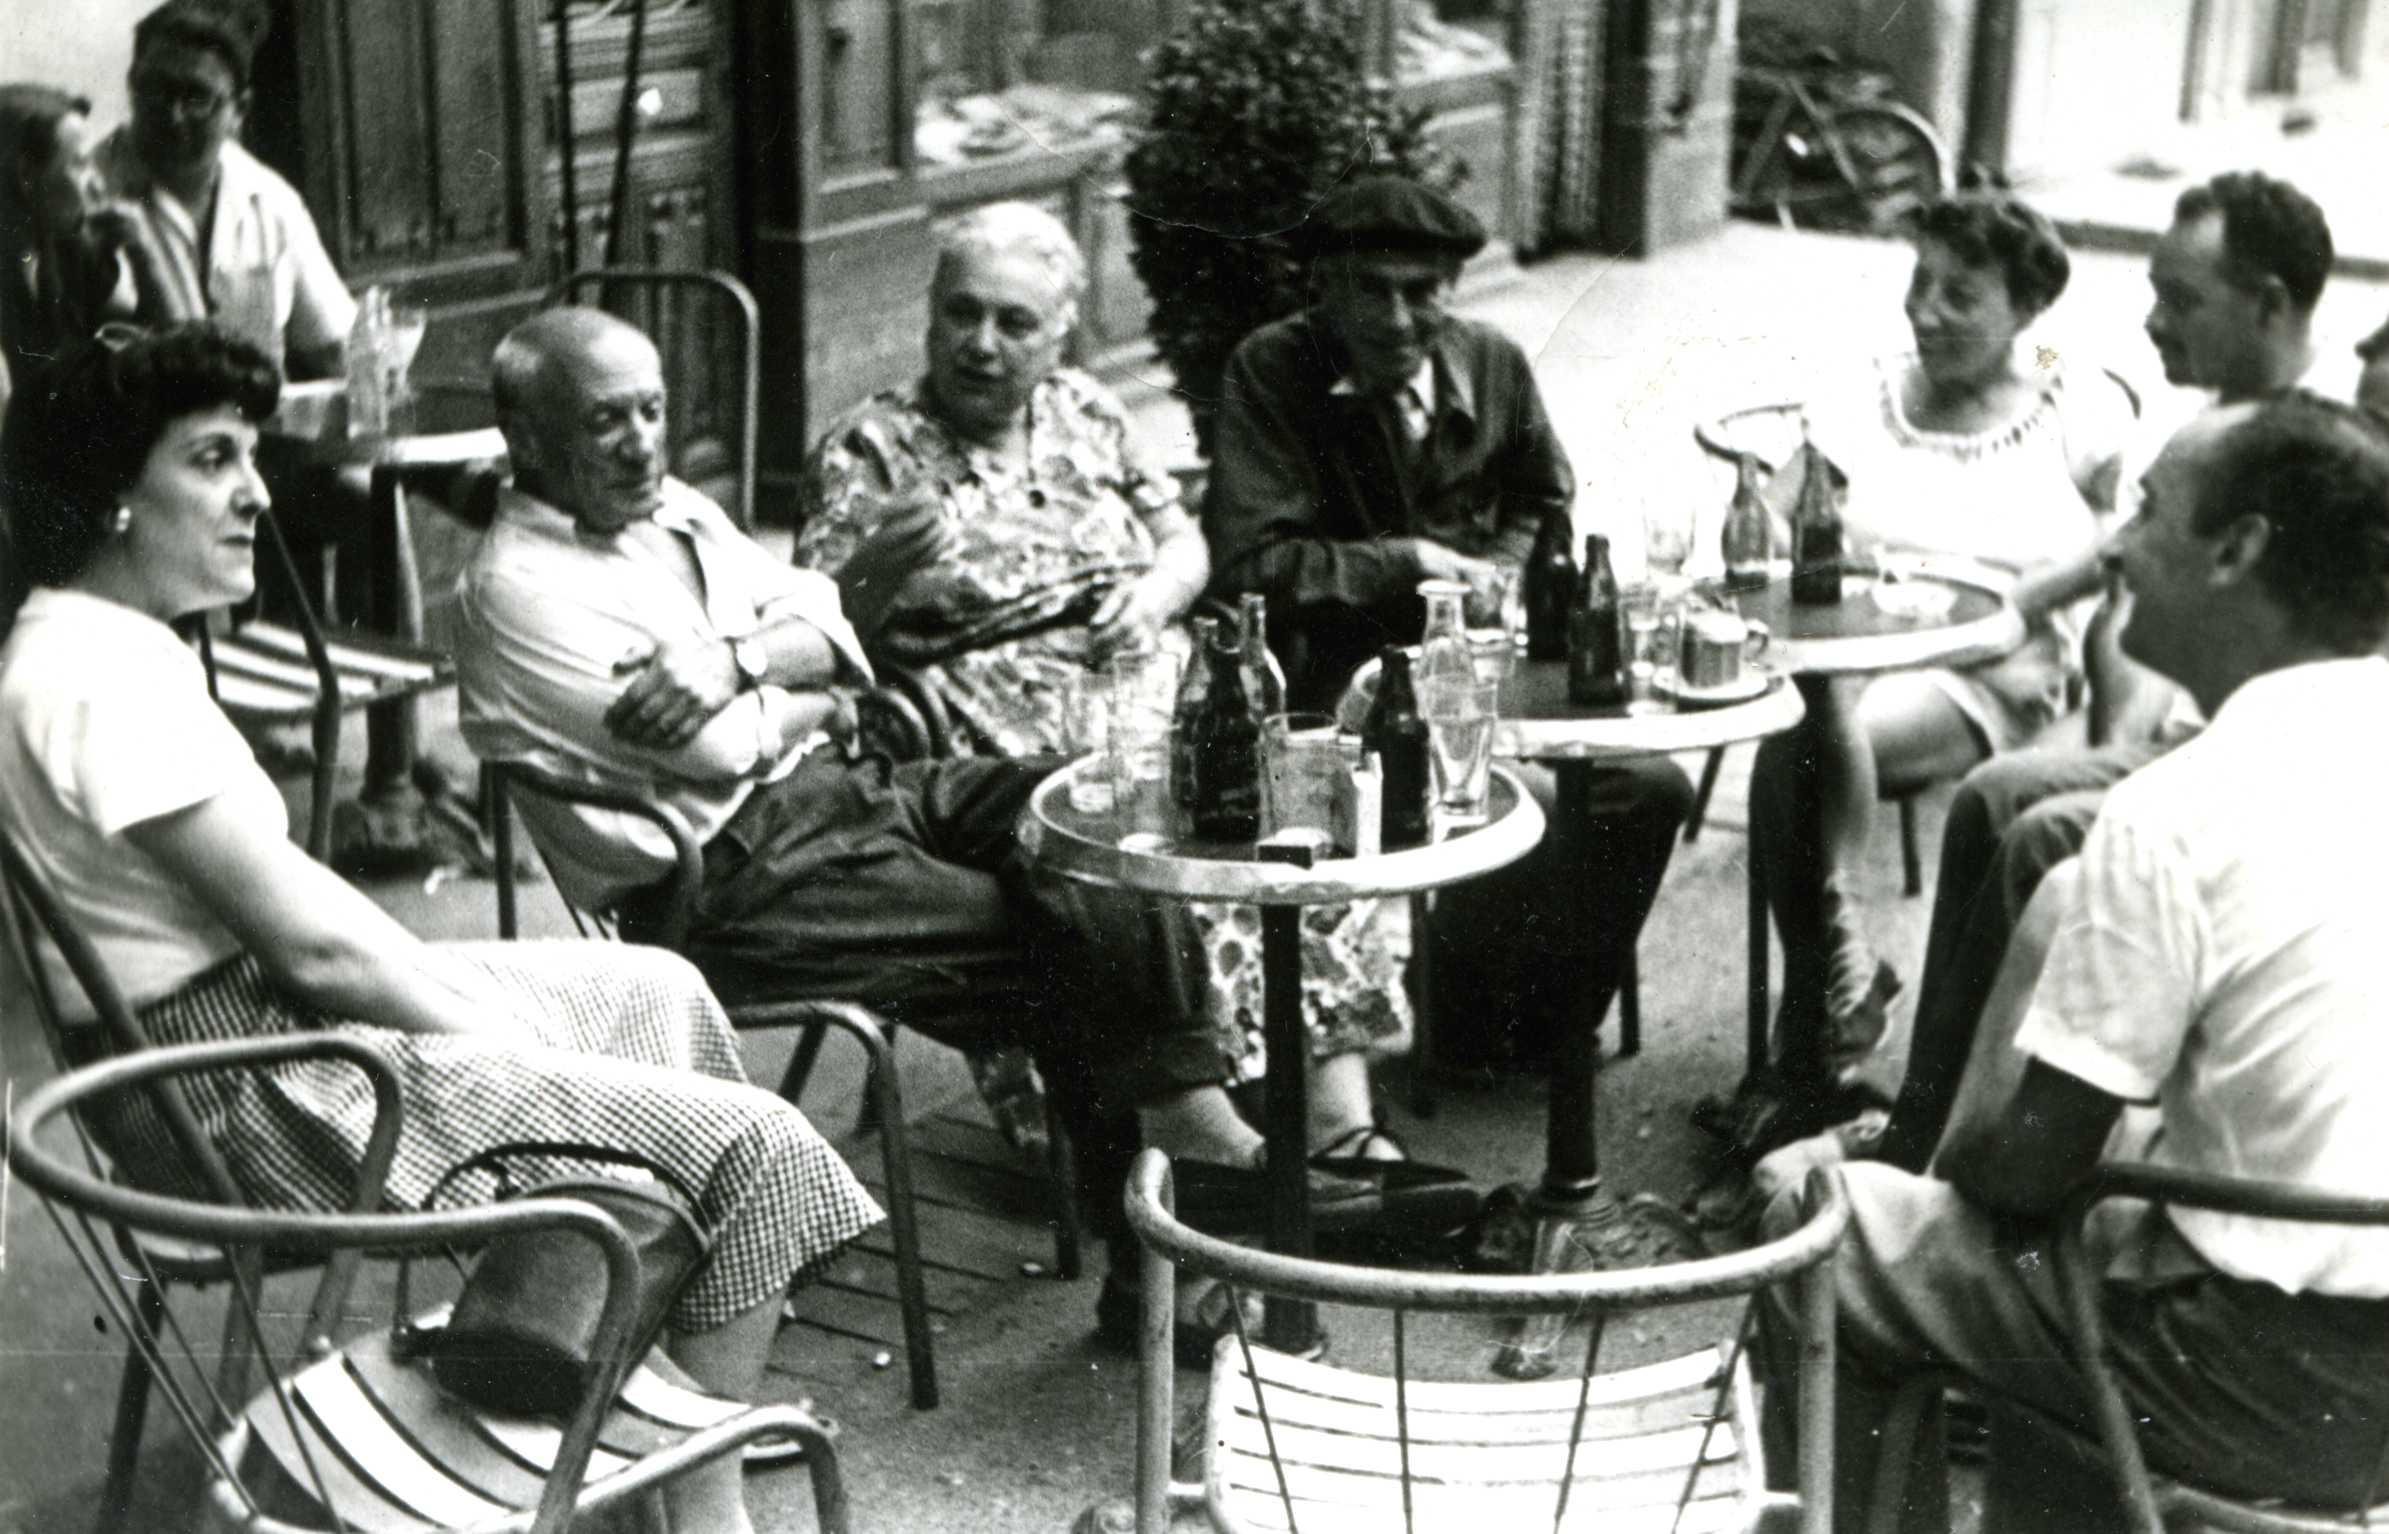 Les peintres Picasso (à gauche), Pierre Brune (au centre), et Eudaldo (deuxième plan à droite) à Céret dans les années 1950.